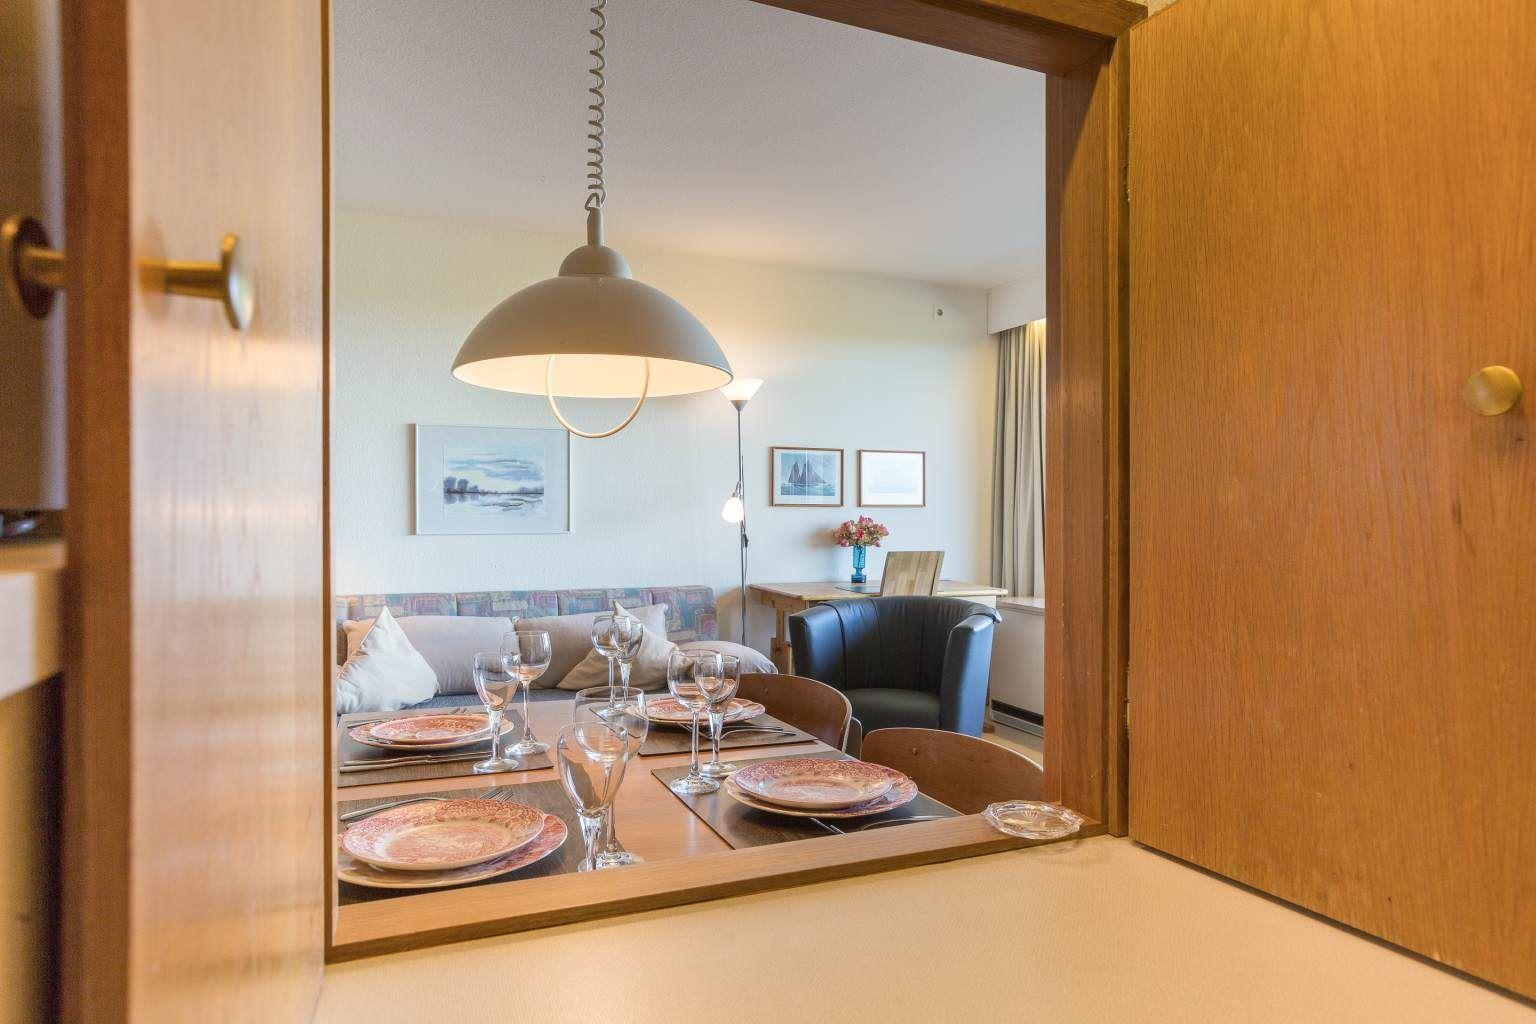 Durchreiche zum Wohnzimmer, Ferienwohnung Nr. 80, St Peter Ording Bad, Haus Atlantic,  Alter Badweg 11-15